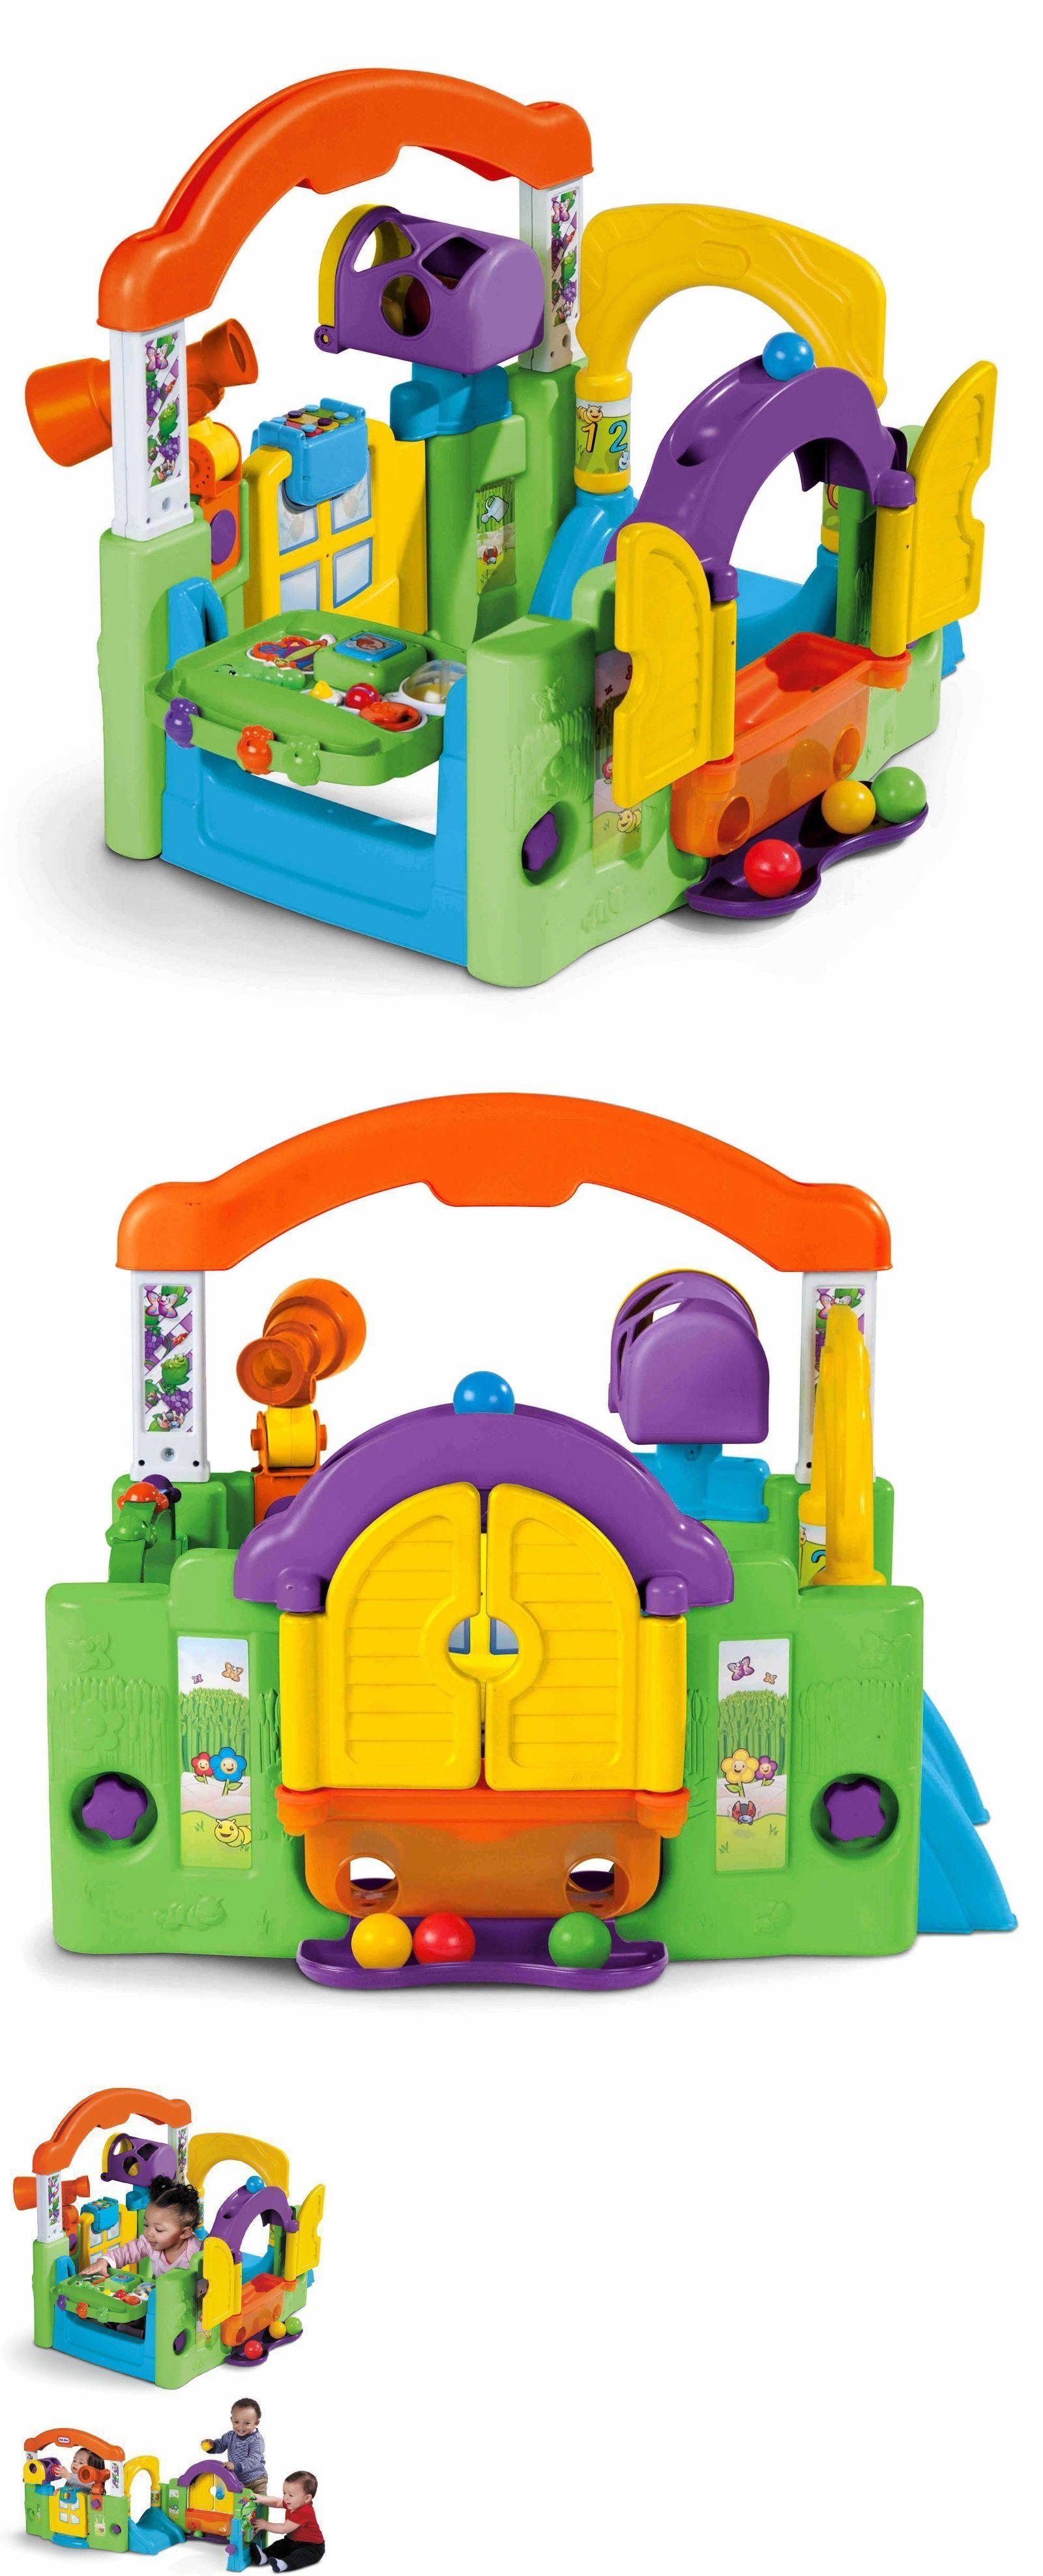 Little Tikes Interactive Activity Garden Baby Toddler Fun